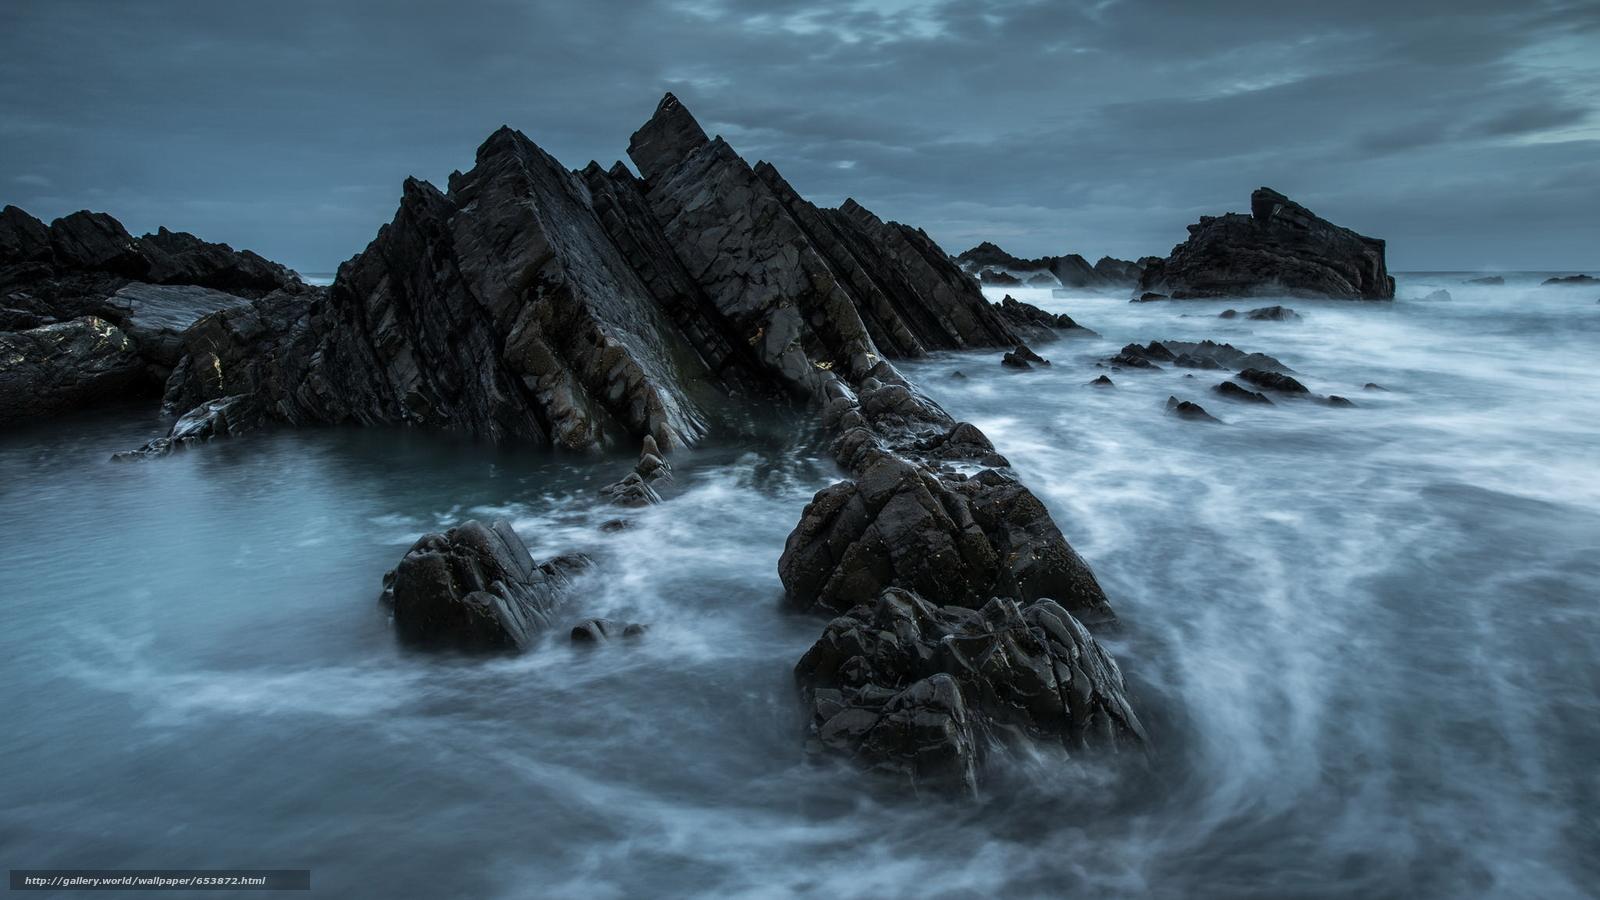 Скачать обои море,  океан,  водоем,  камни бесплатно для рабочего стола в разрешении 2048x1152 — картинка №653872